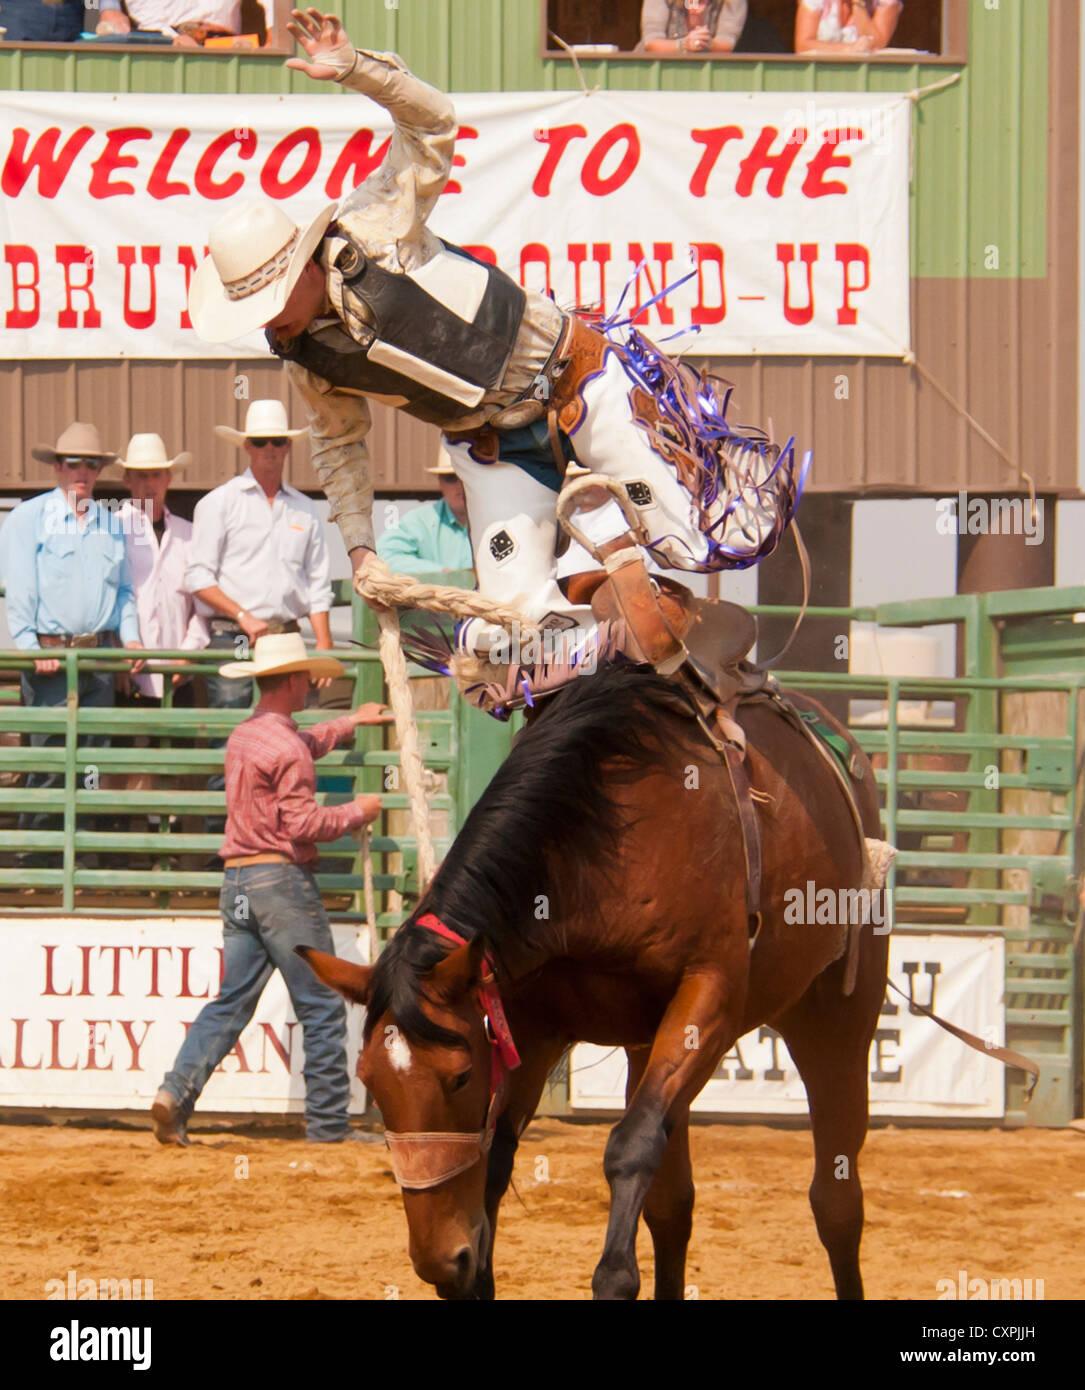 Cowboy Saddle Stock Photos Amp Cowboy Saddle Stock Images